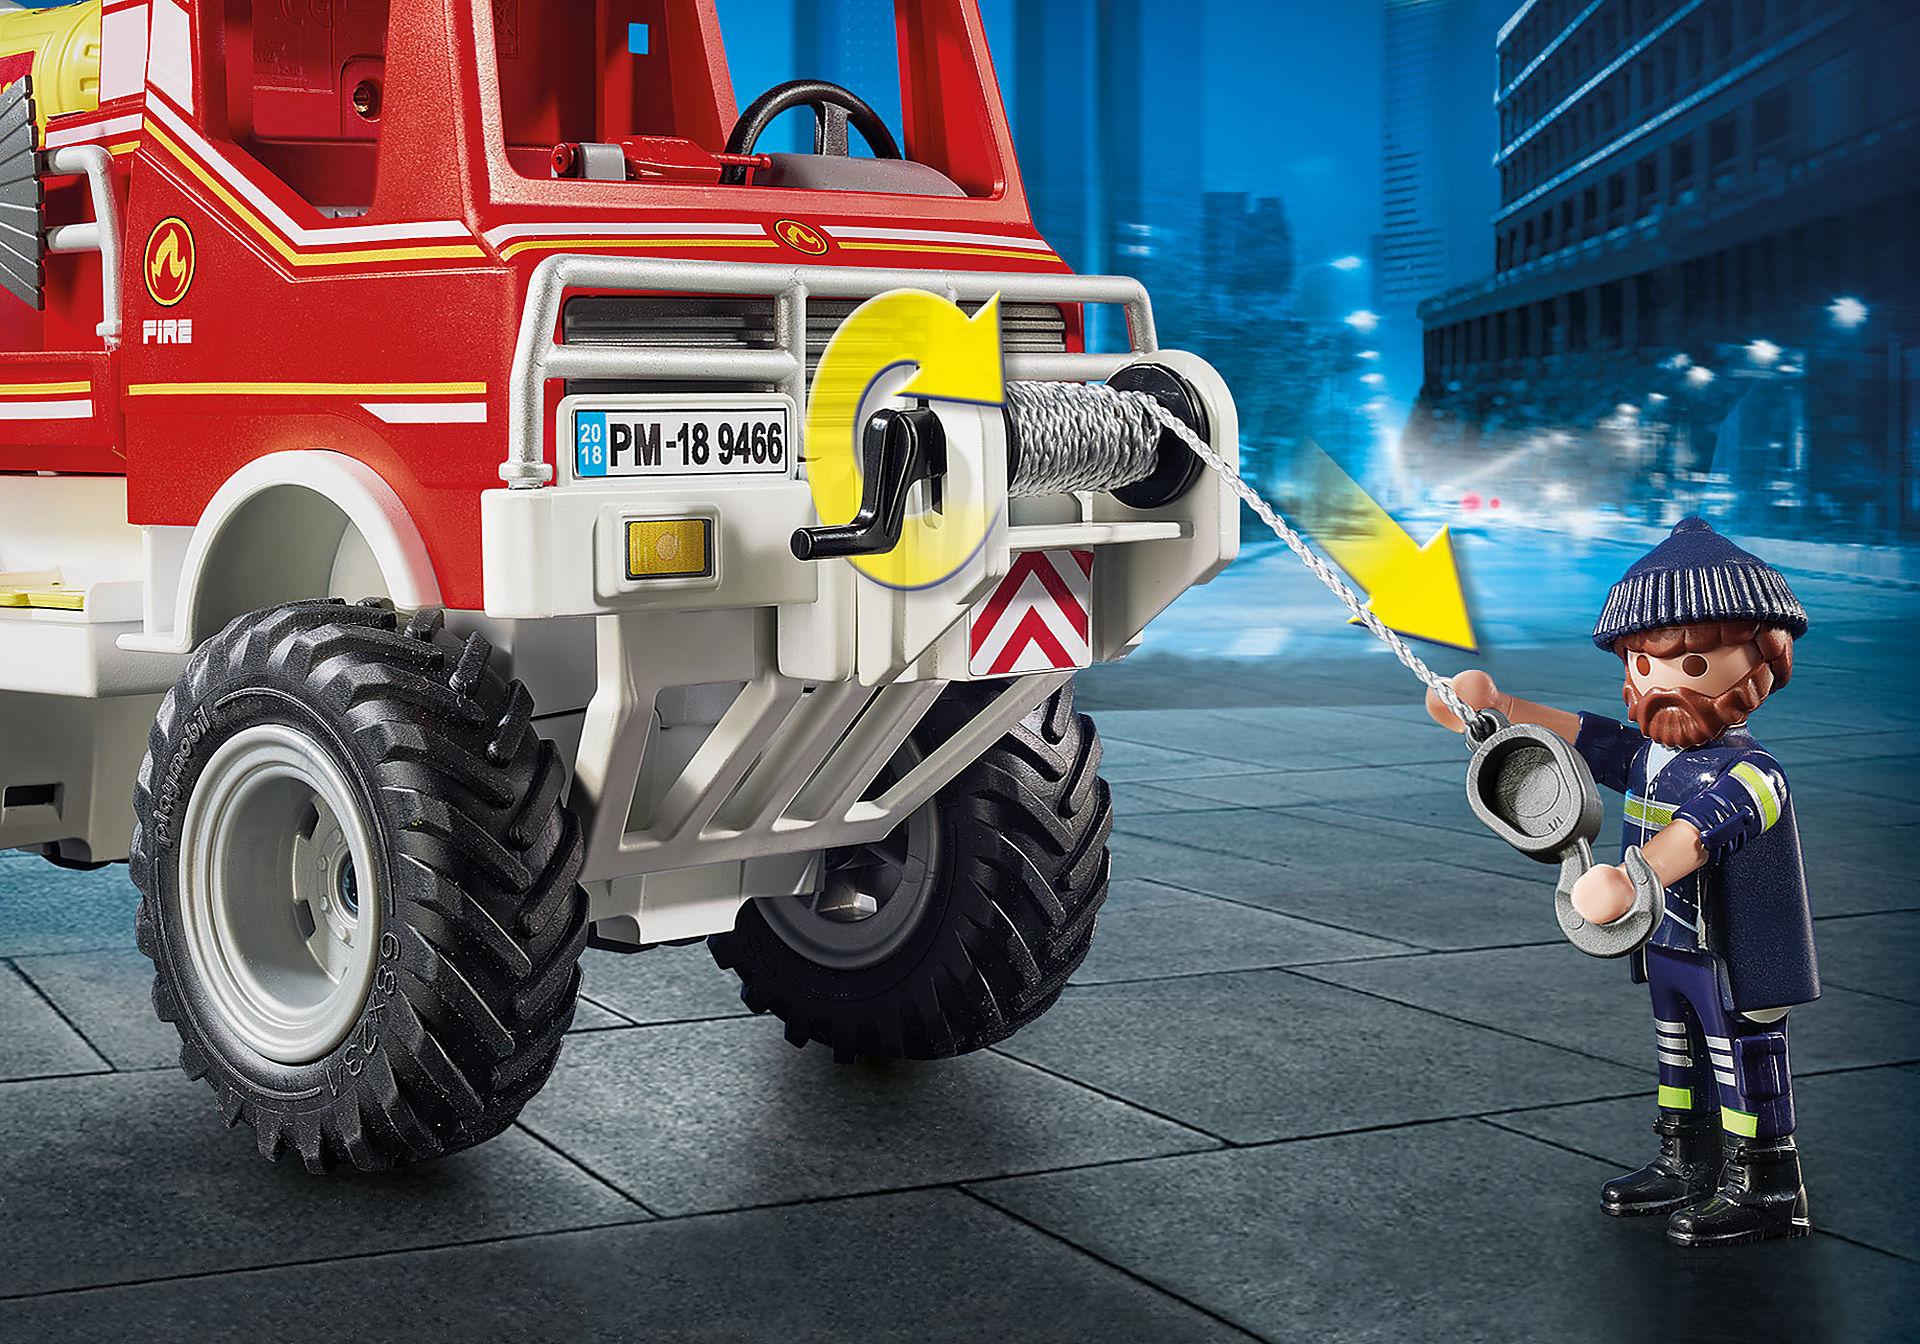 http://media.playmobil.com/i/playmobil/9466_product_extra1/Brandweer terreinwagen met waterkanon